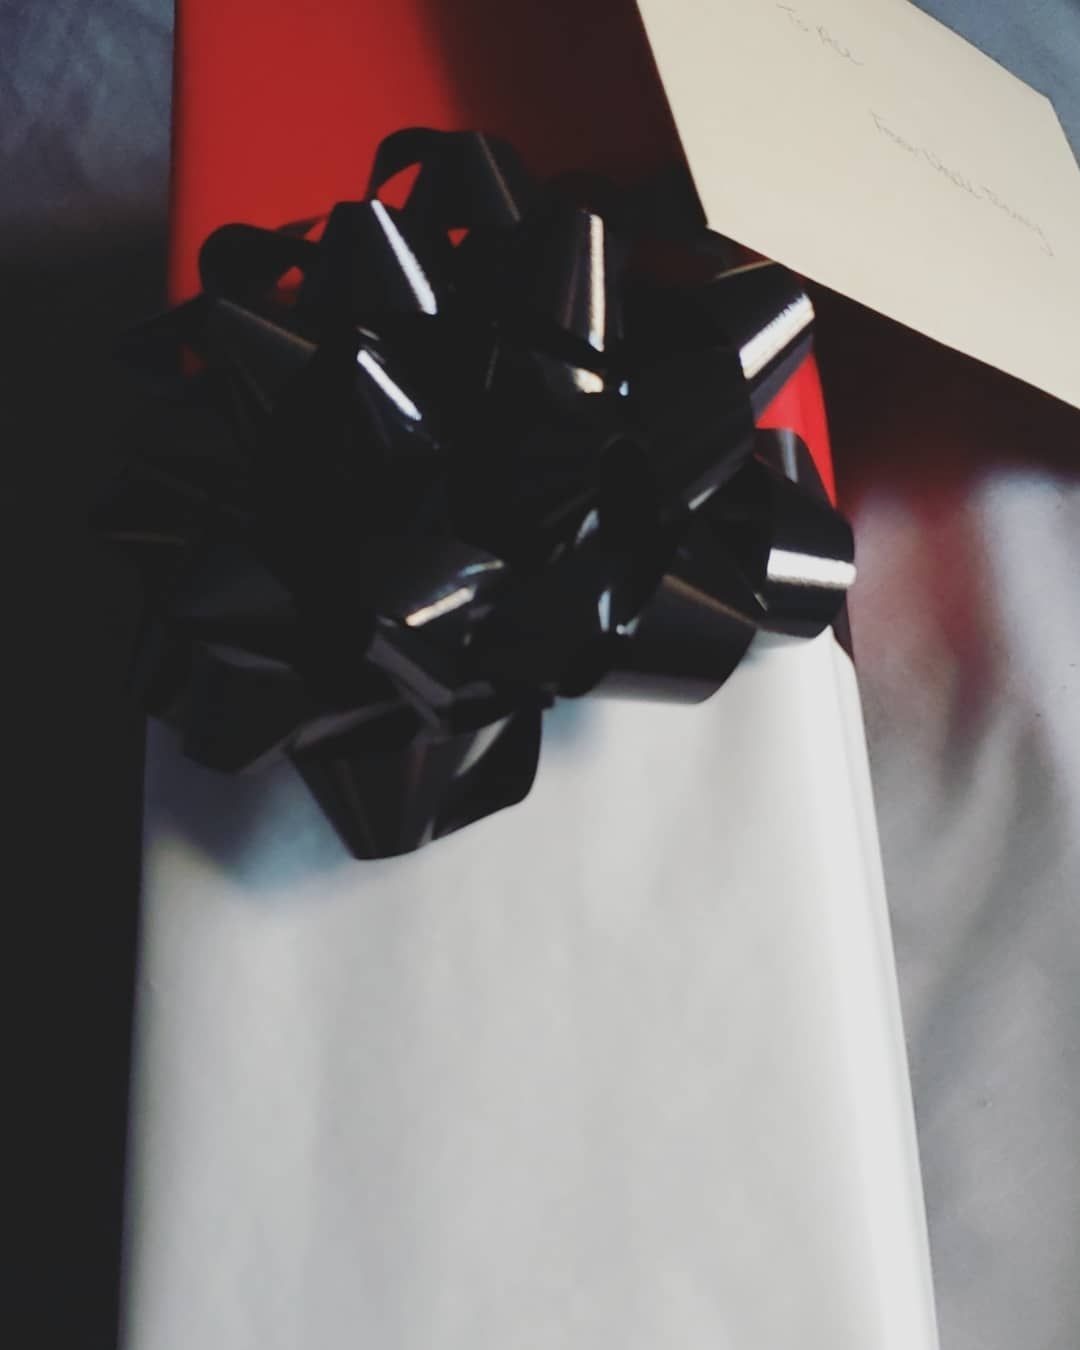 Pokemon Theme presents! I cannot wait to see my Godchild tomorrow for his birthday #pokemon #wrapped...